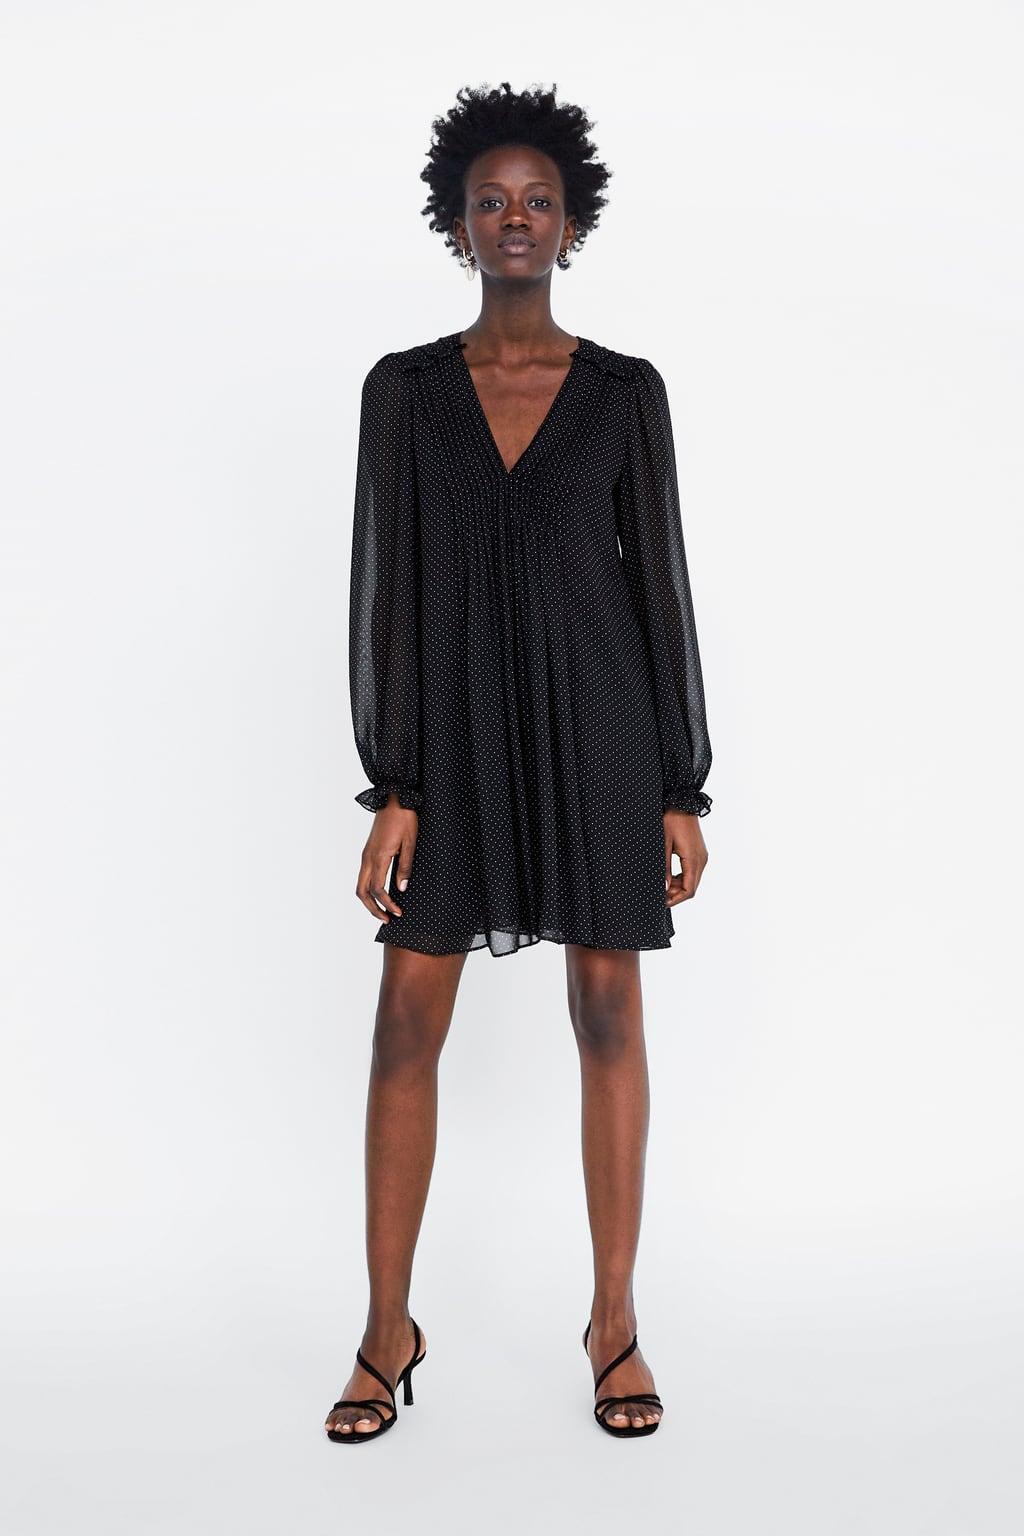 Ριχτό φόρεμα με V ντεκολτέ και μακρύ μανίκι που καταλήγει σε μανσέτα με  λάστιχο. Λεπτομέρεια πιέτες στο μπροστινό μέρος. Εσωτερική φόδρα από το  ίδιο ύφασμα. 7df2b4e5ba8